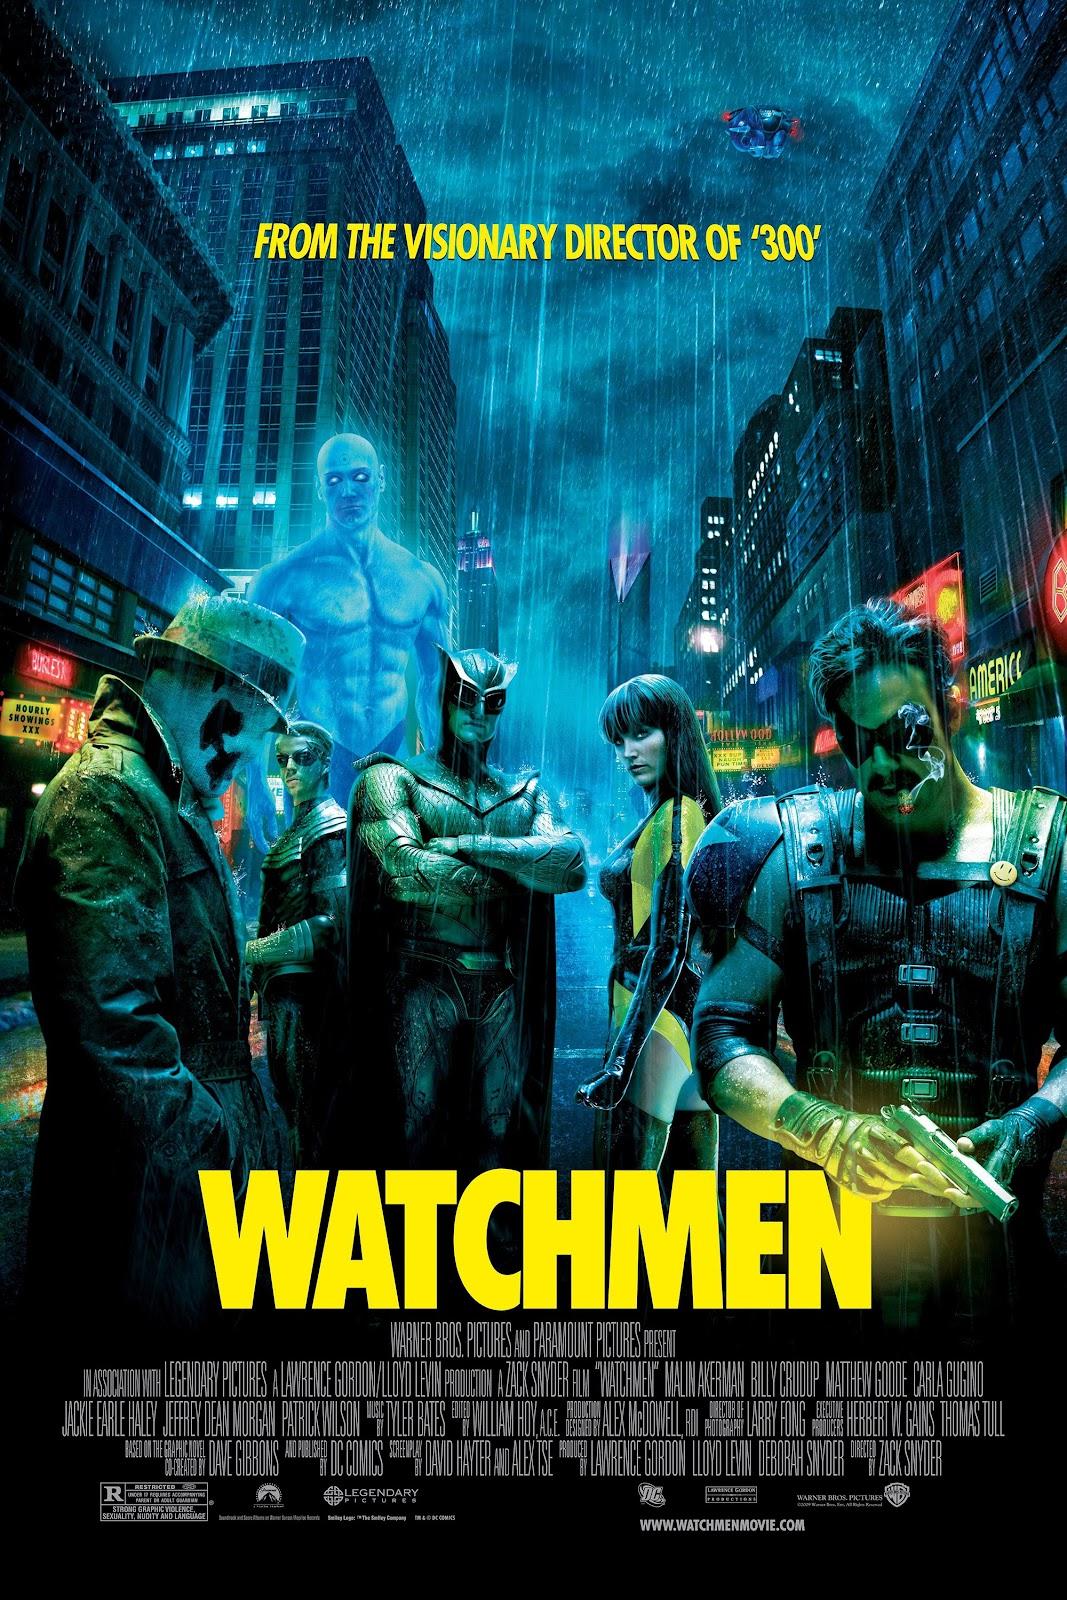 Watchmen, Director Zach Snyder